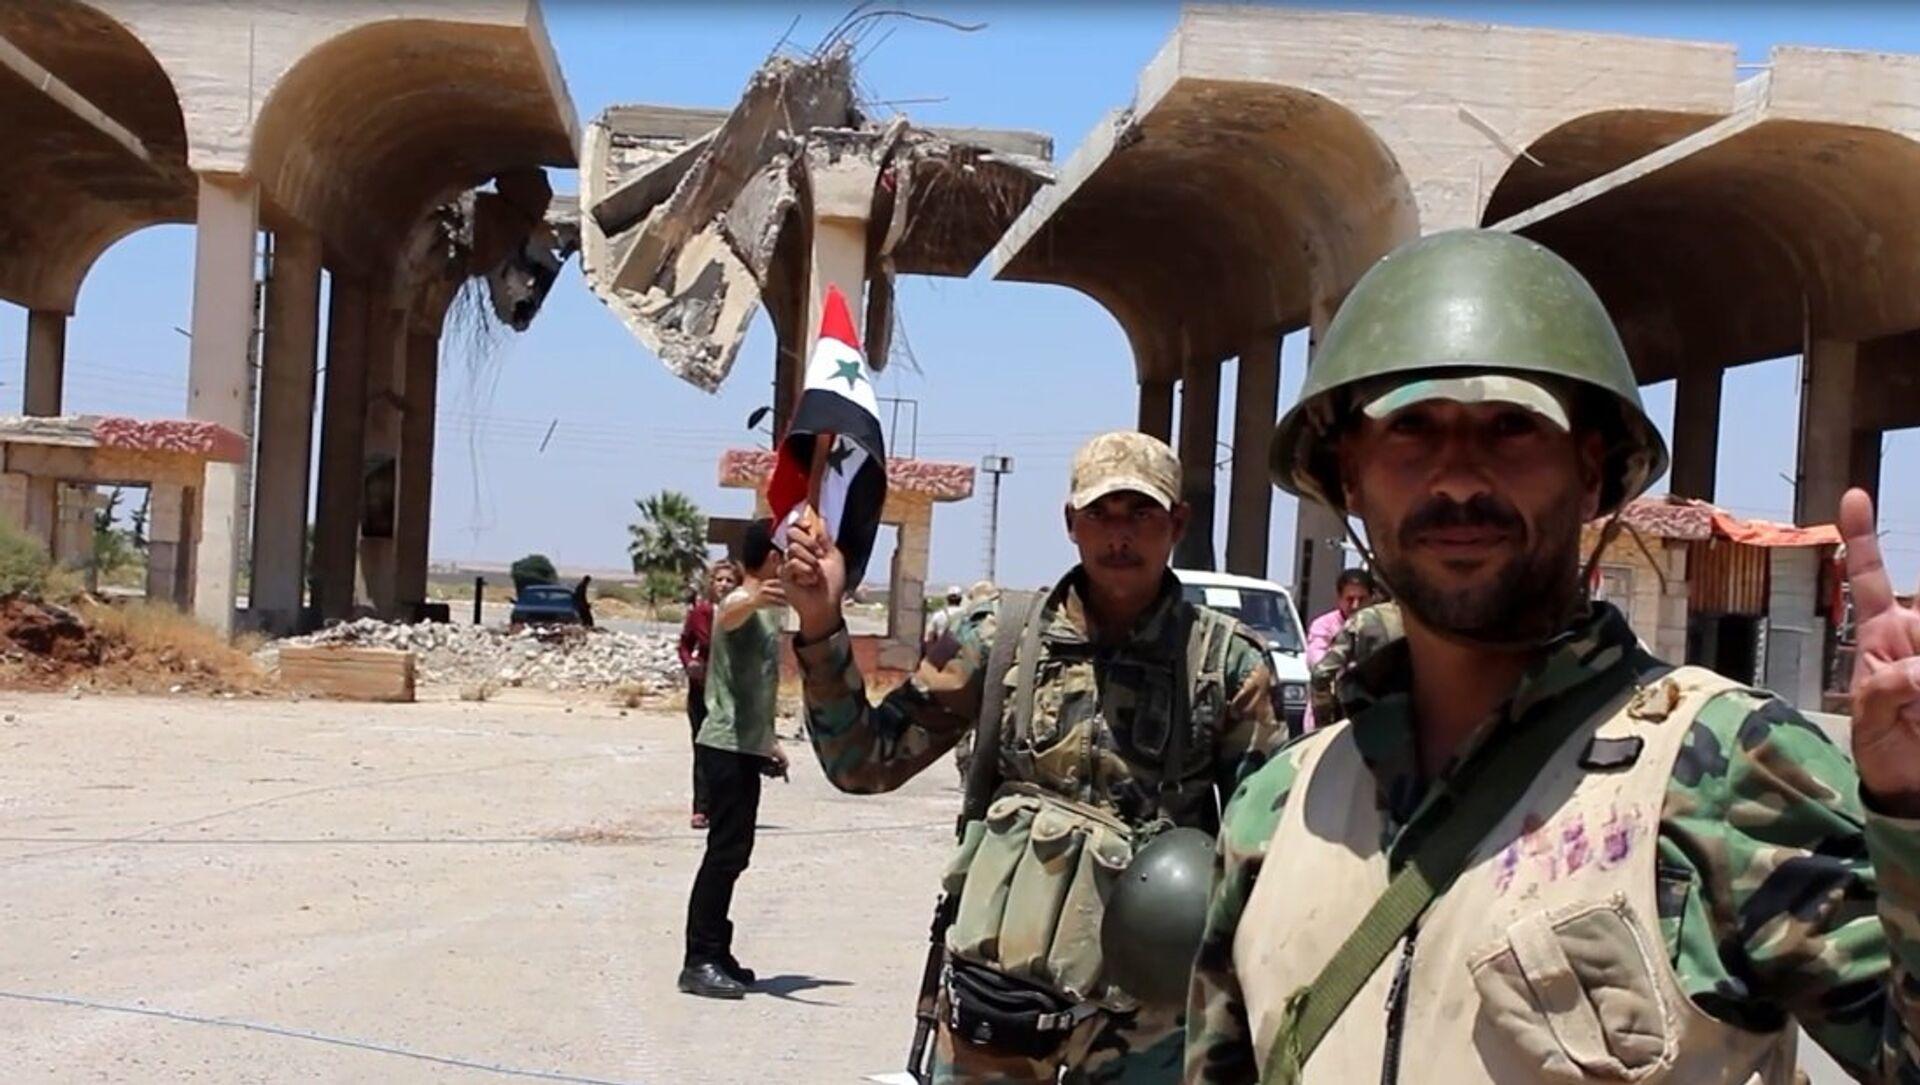 Province syrienne de Deraa: tout est prêt pour l'évacuation des radicaux vers Idlib - Sputnik France, 1920, 31.08.2021